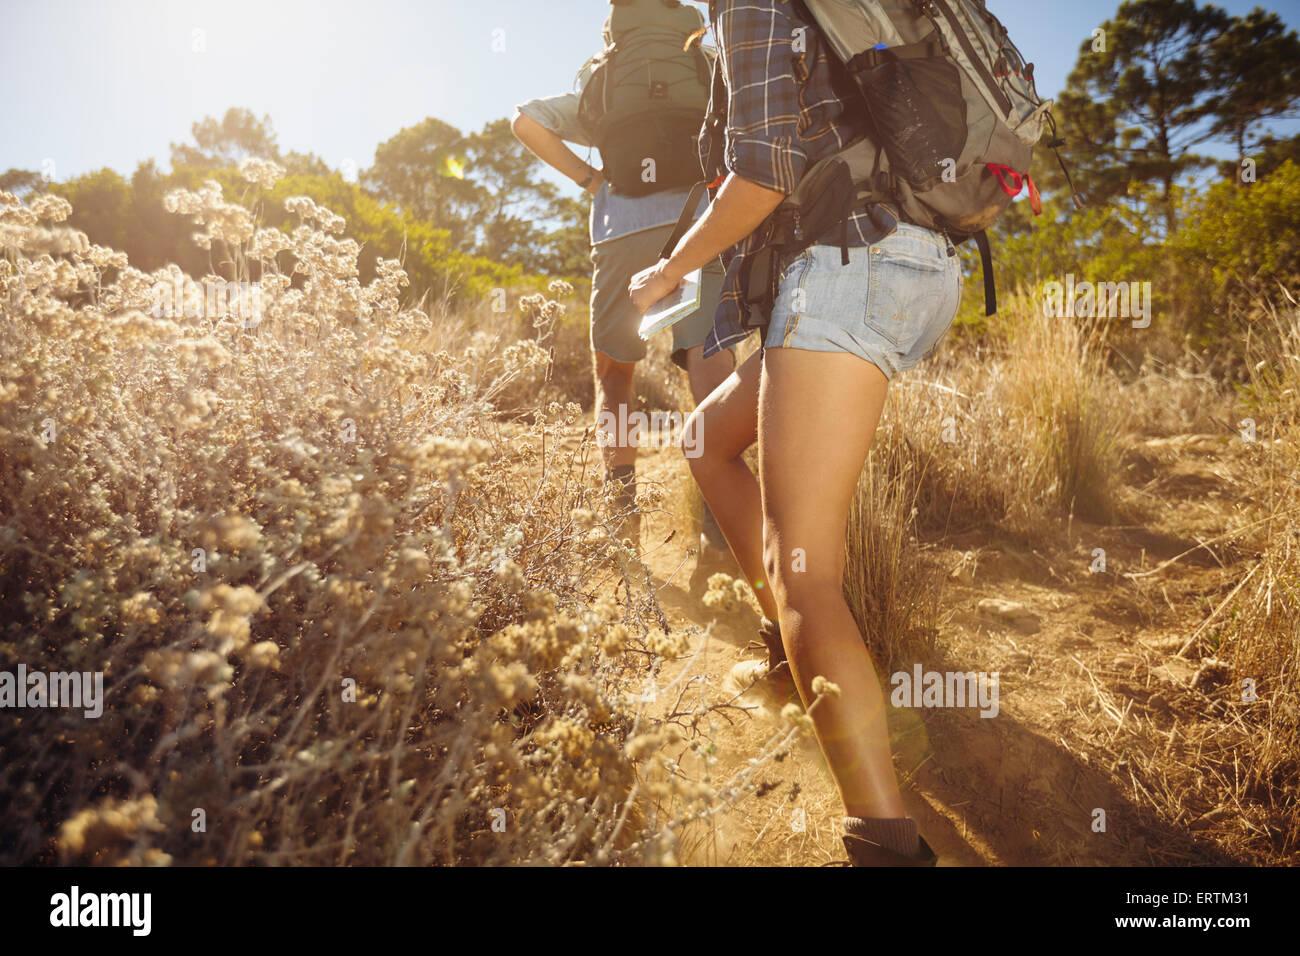 Immagine ritagliata di un uomo e di una donna che cammina sul paese percorso trail. Coppia giovane escursionismo Immagini Stock